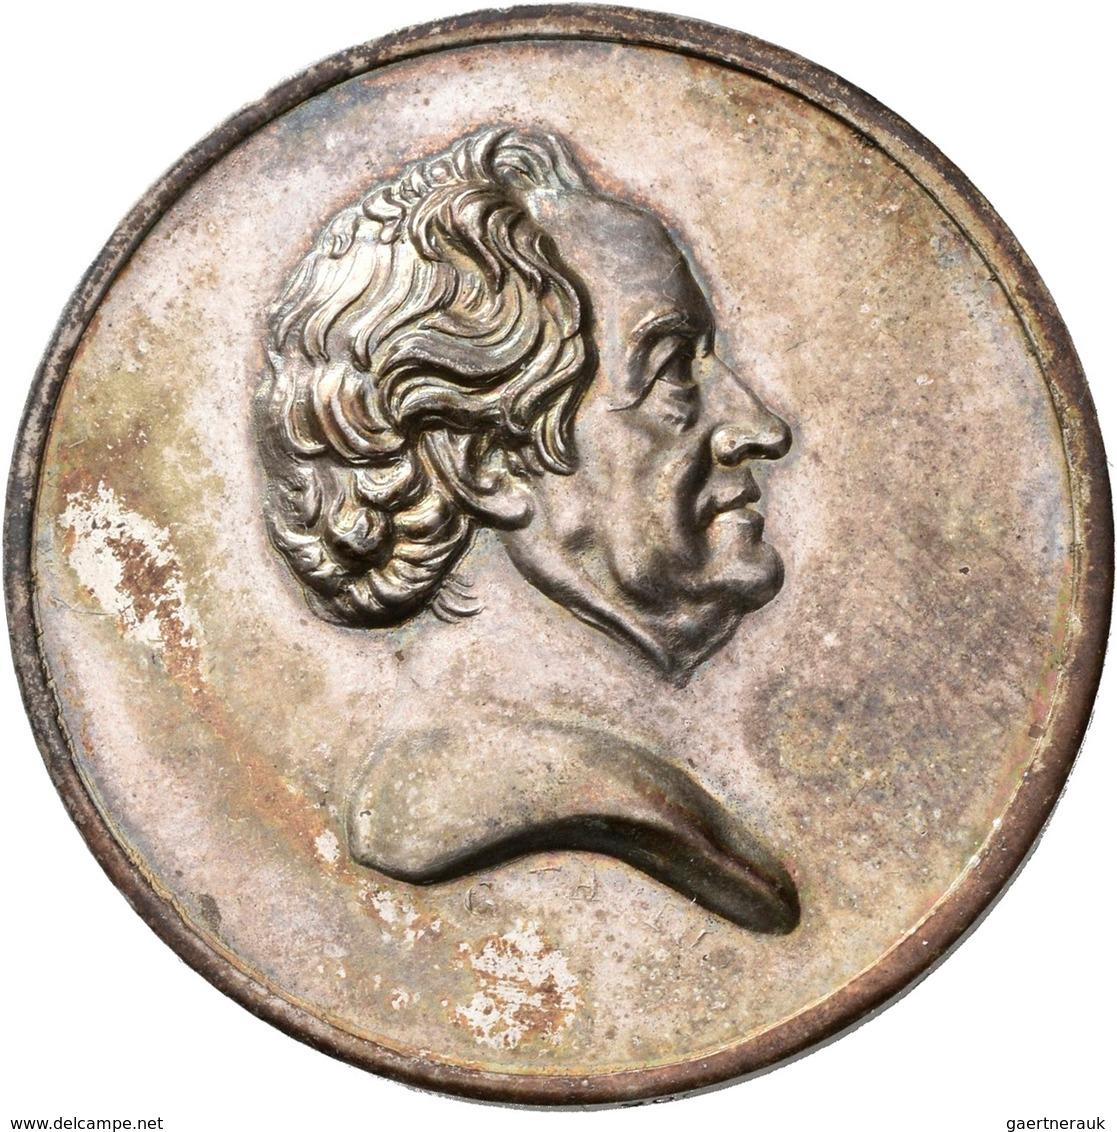 Medaillen Deutschland: Weimar: Johann Wolfgang Von Goethe 1749-1832: Silbermedaille 1825, Stempel Vo - Germany